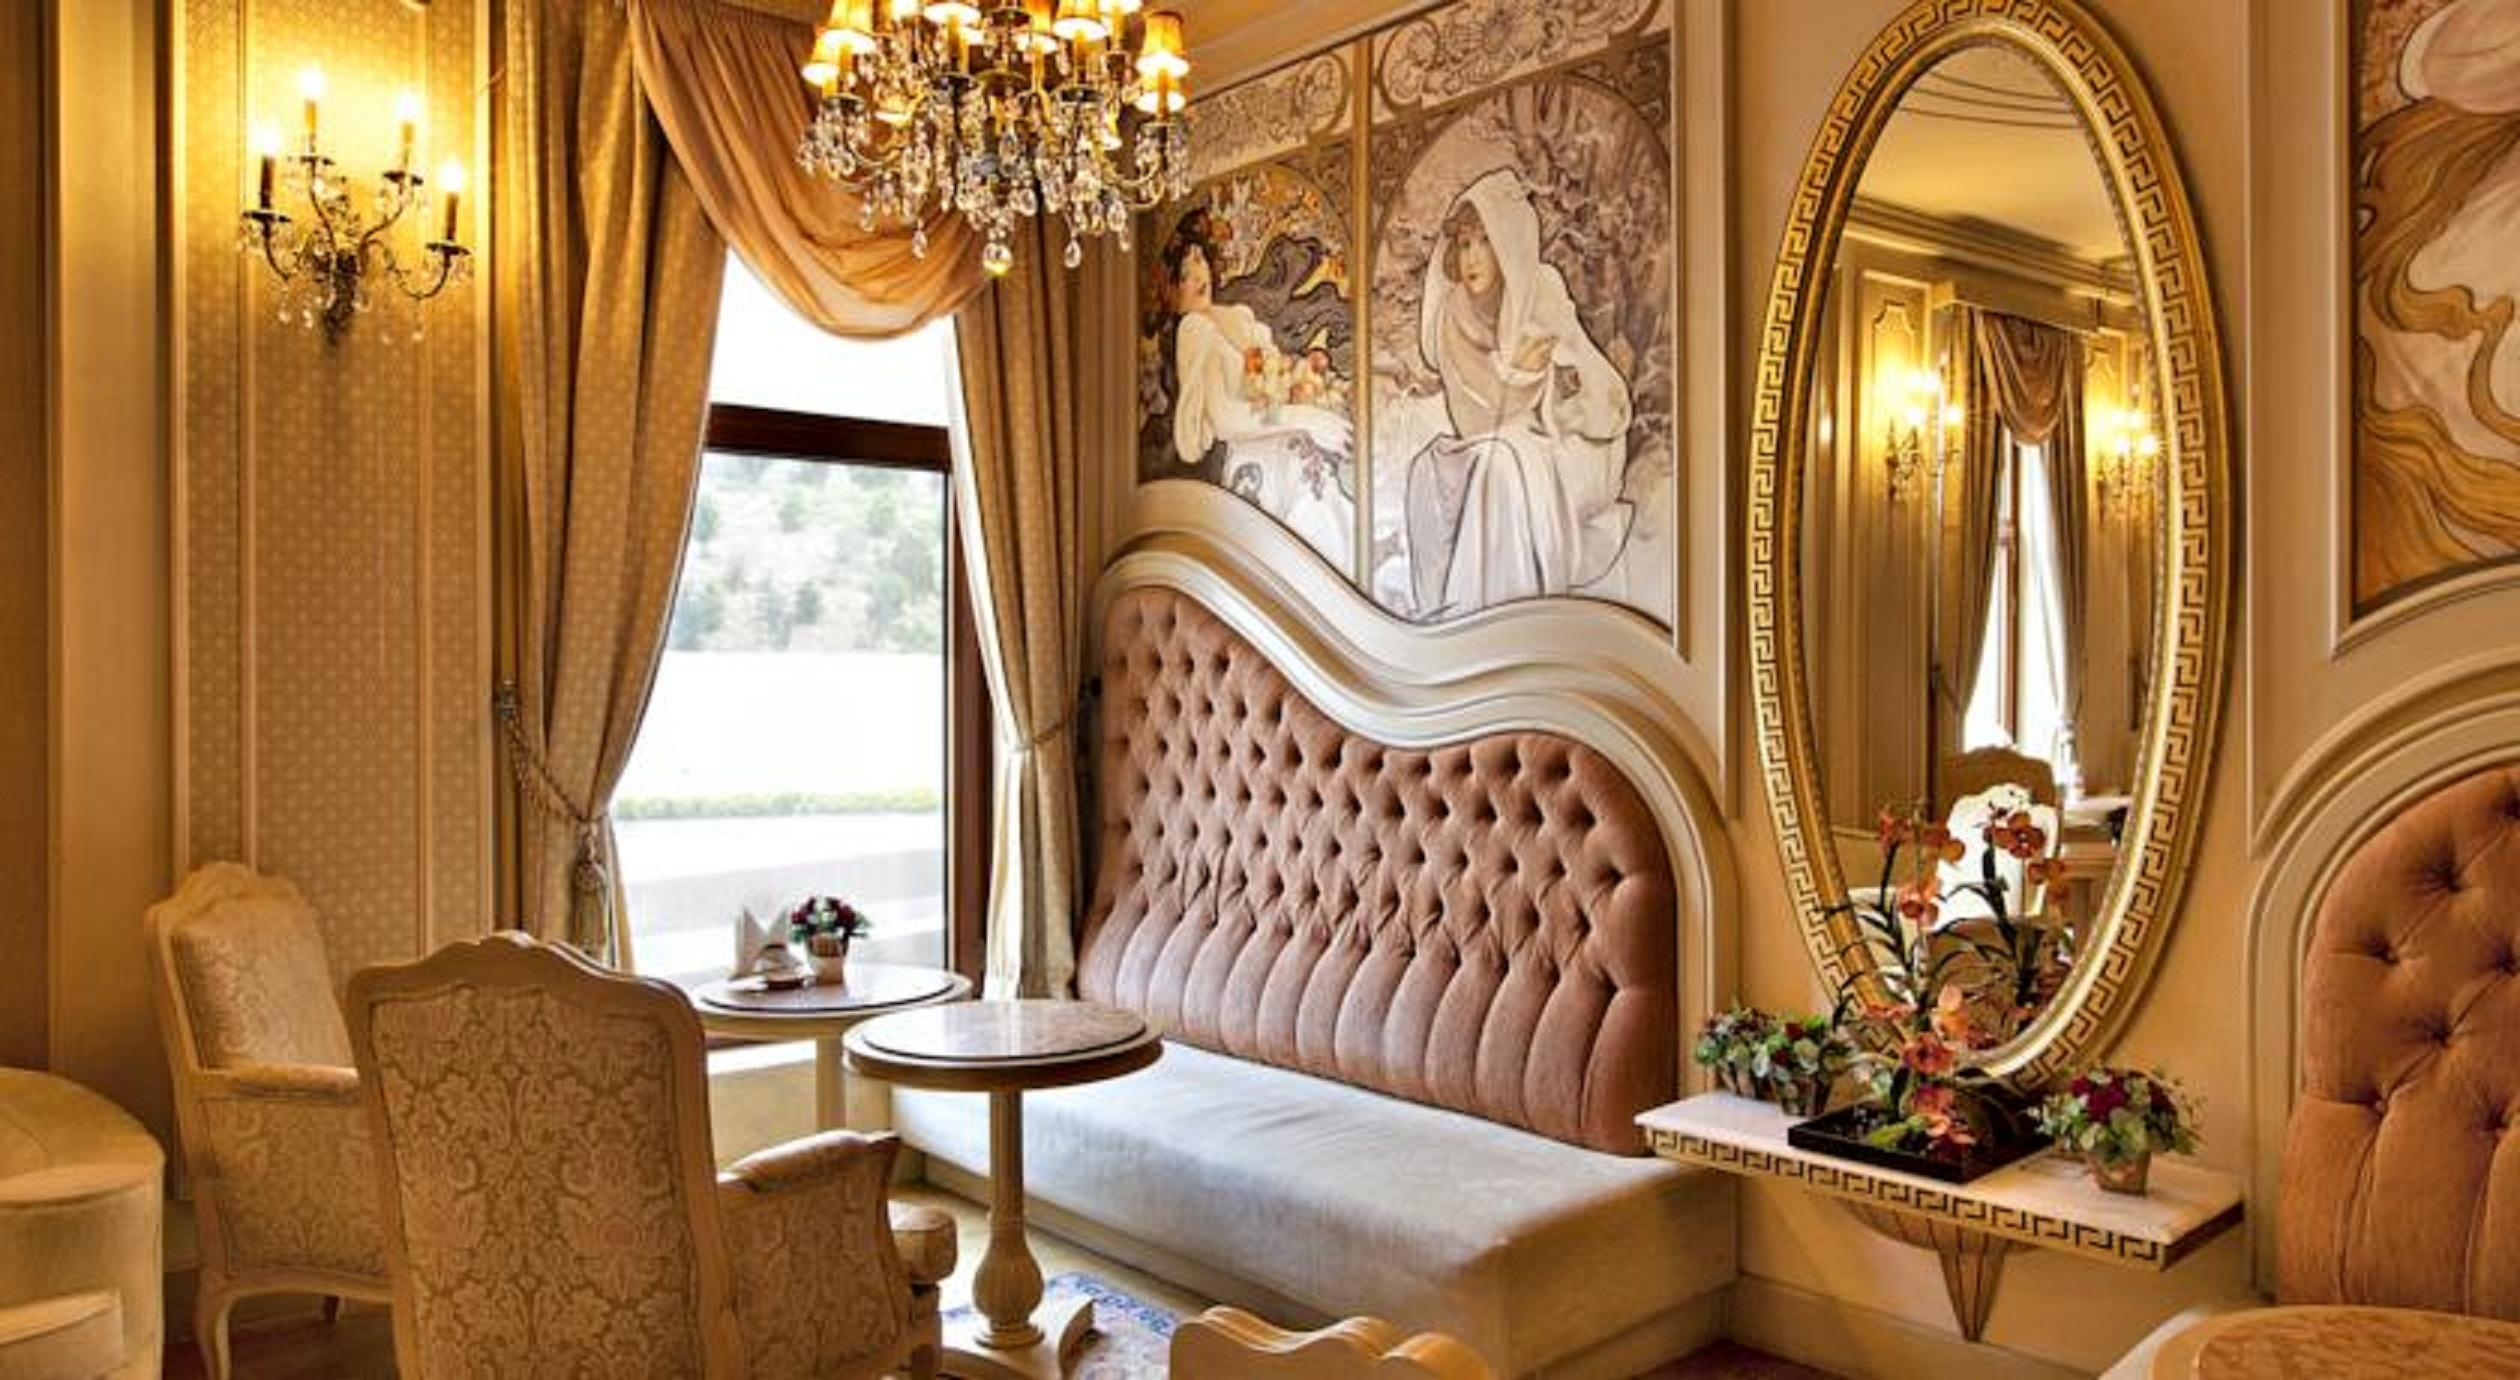 Excelsior Hotel & Spa en Baku